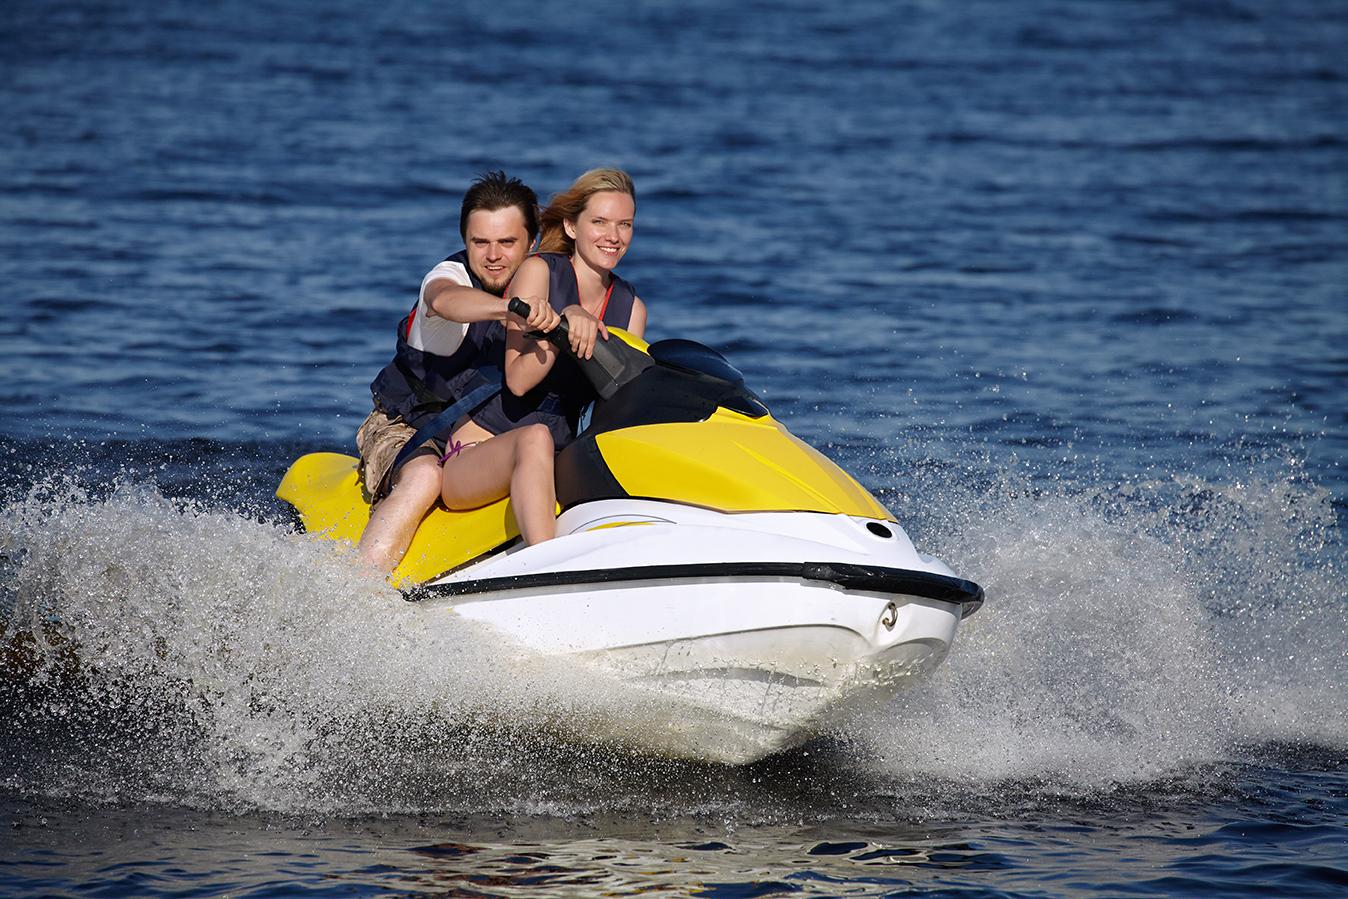 watercraft insurance